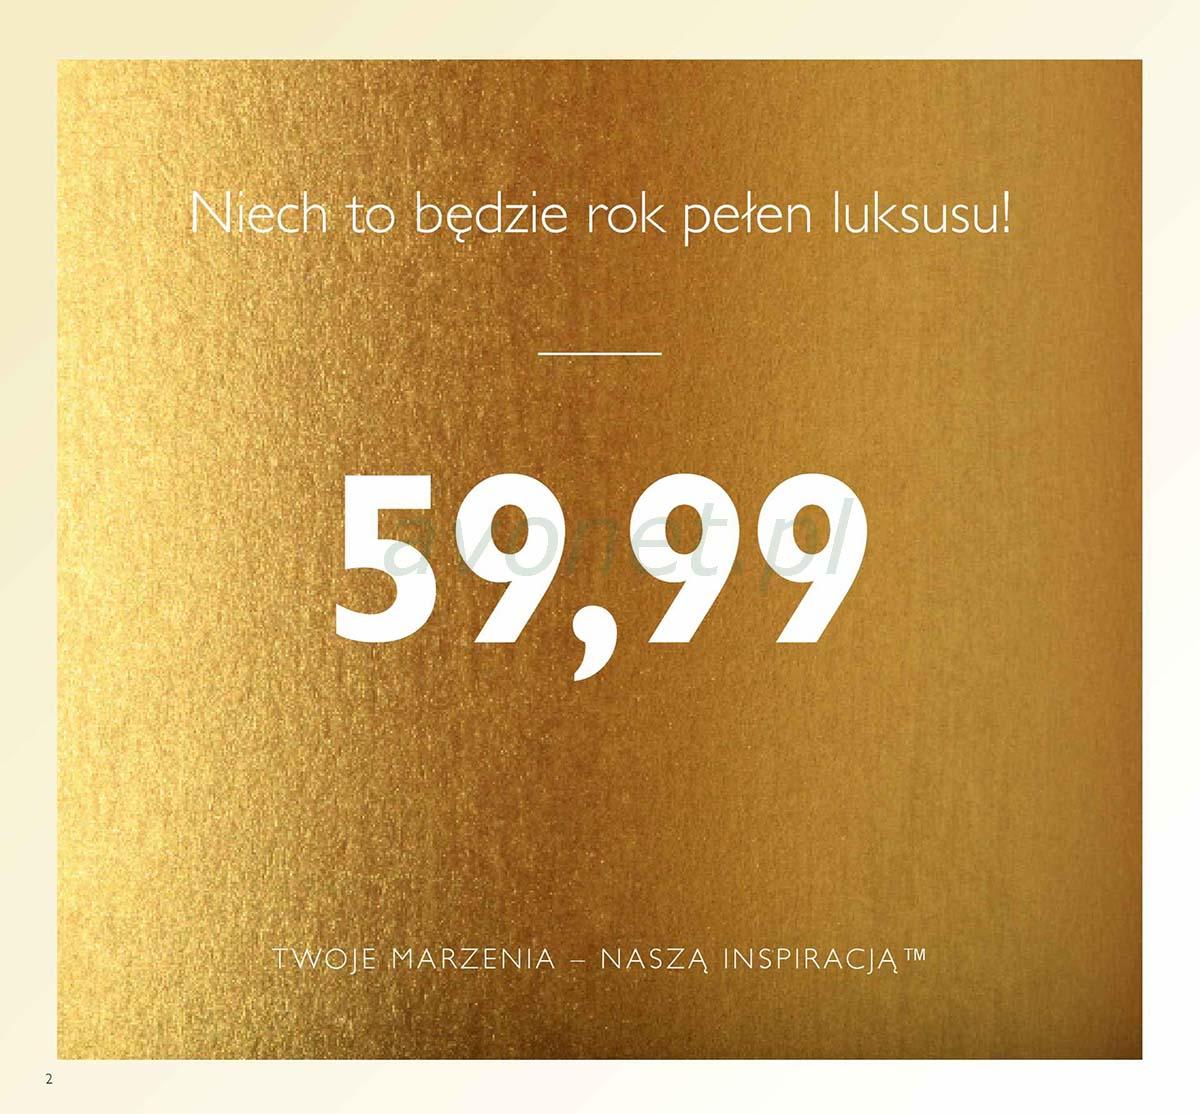 2018001-002-pl-pl